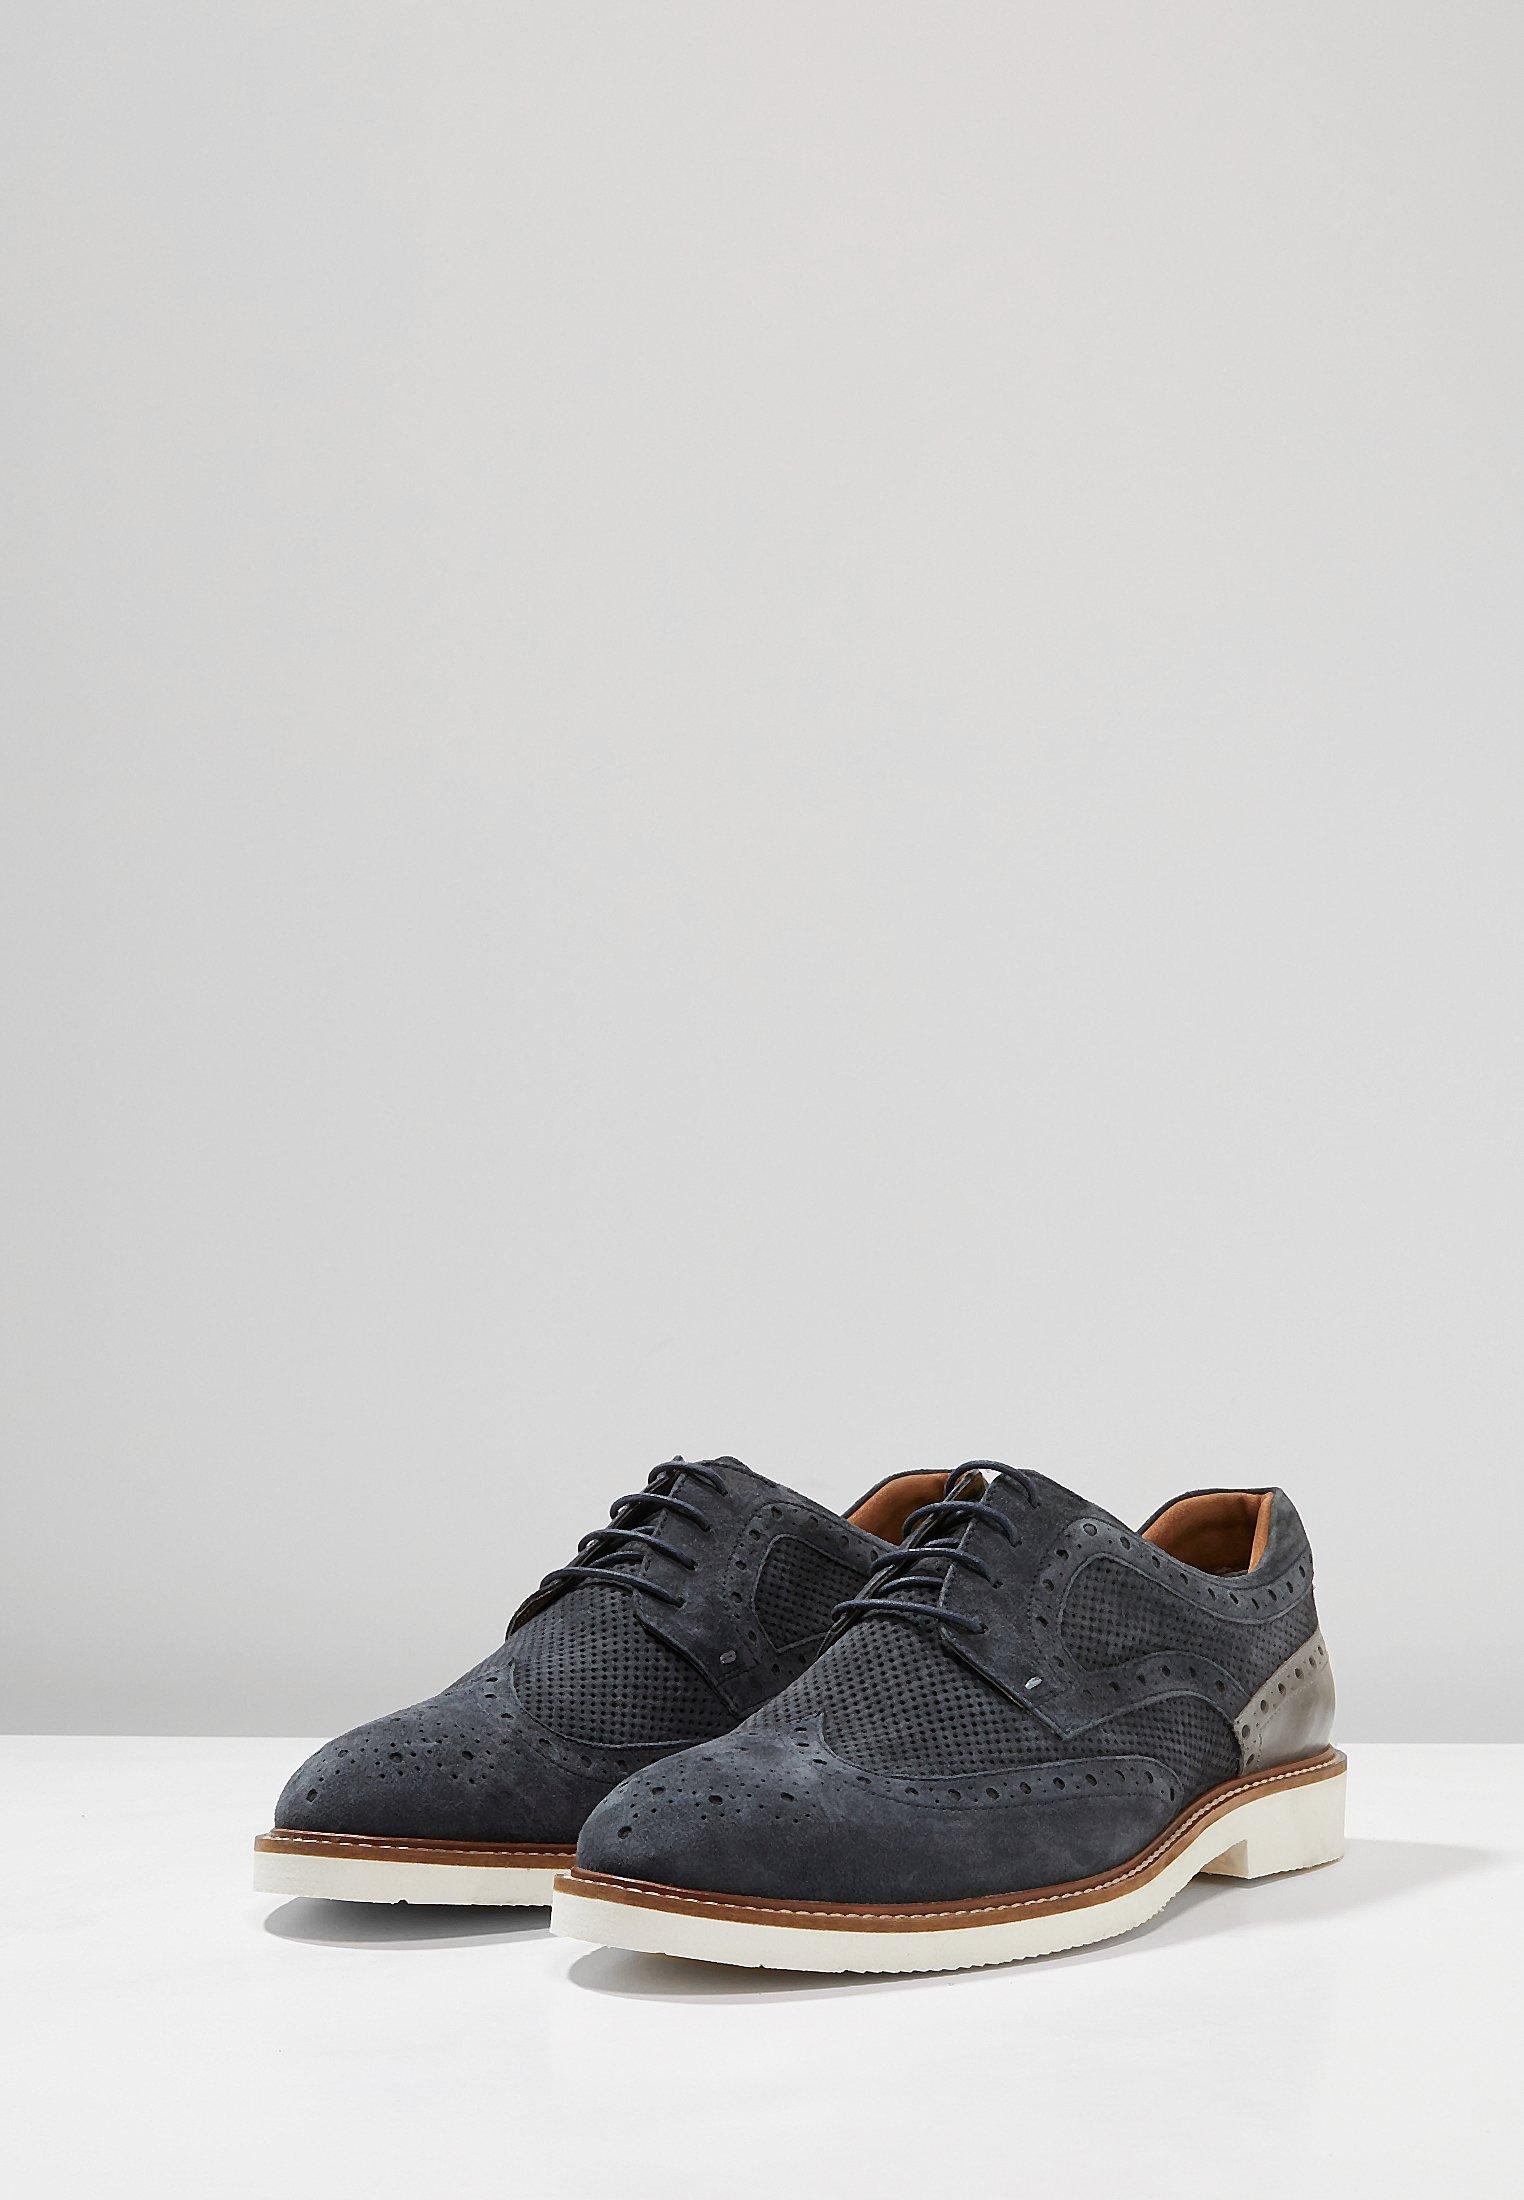 JOE BROWNS LIGHTWEIGHT BROGUE - Chaussures à lacets navy